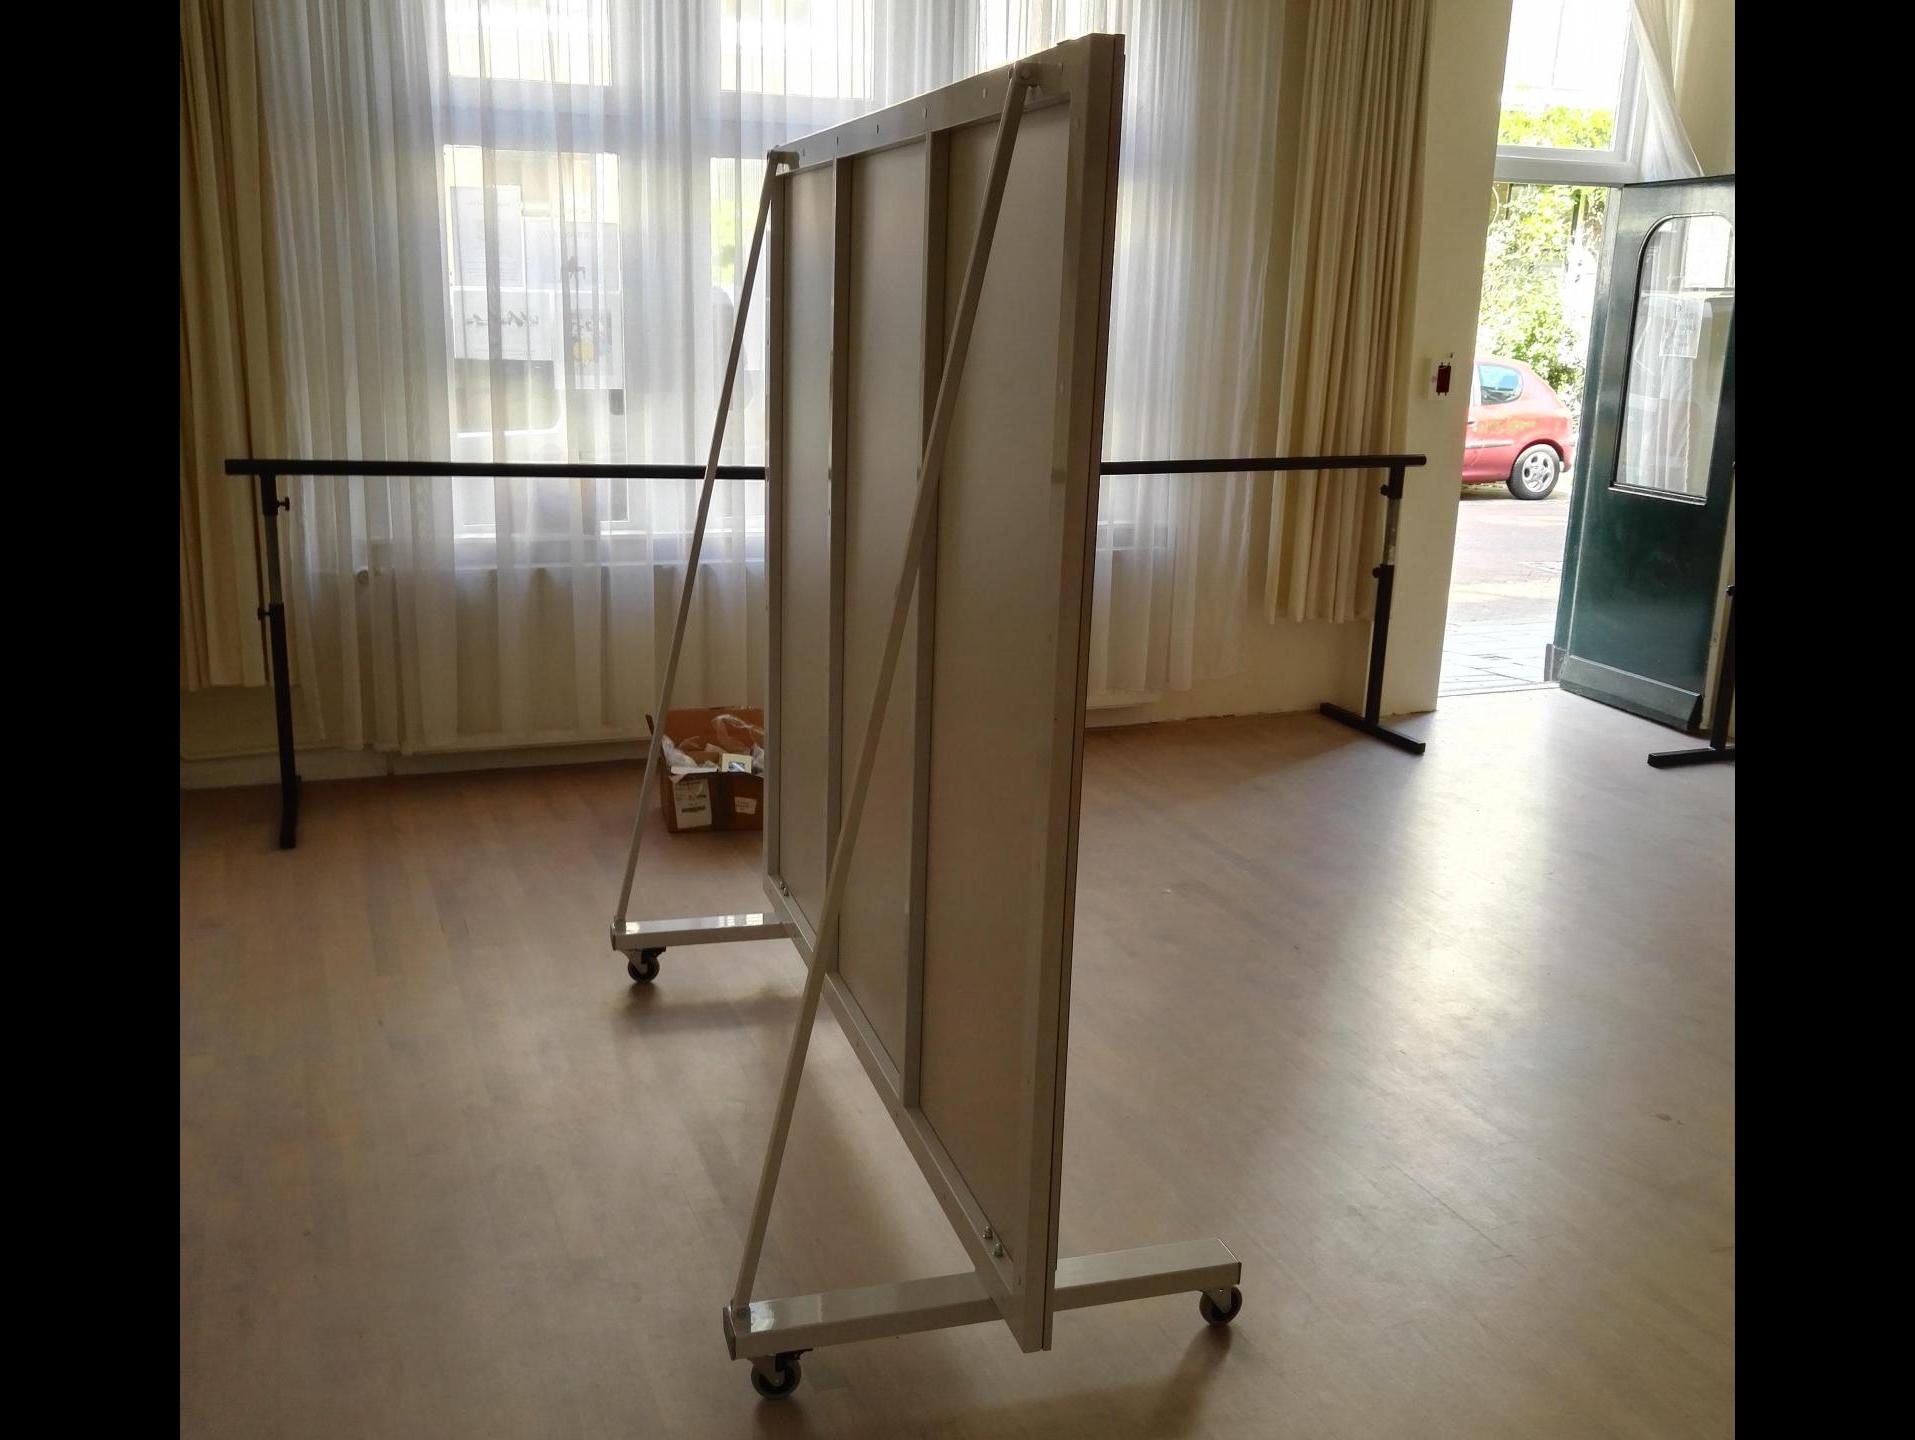 Miroir de sport roulettes 190 x 200cm for Miroir hauteur 200